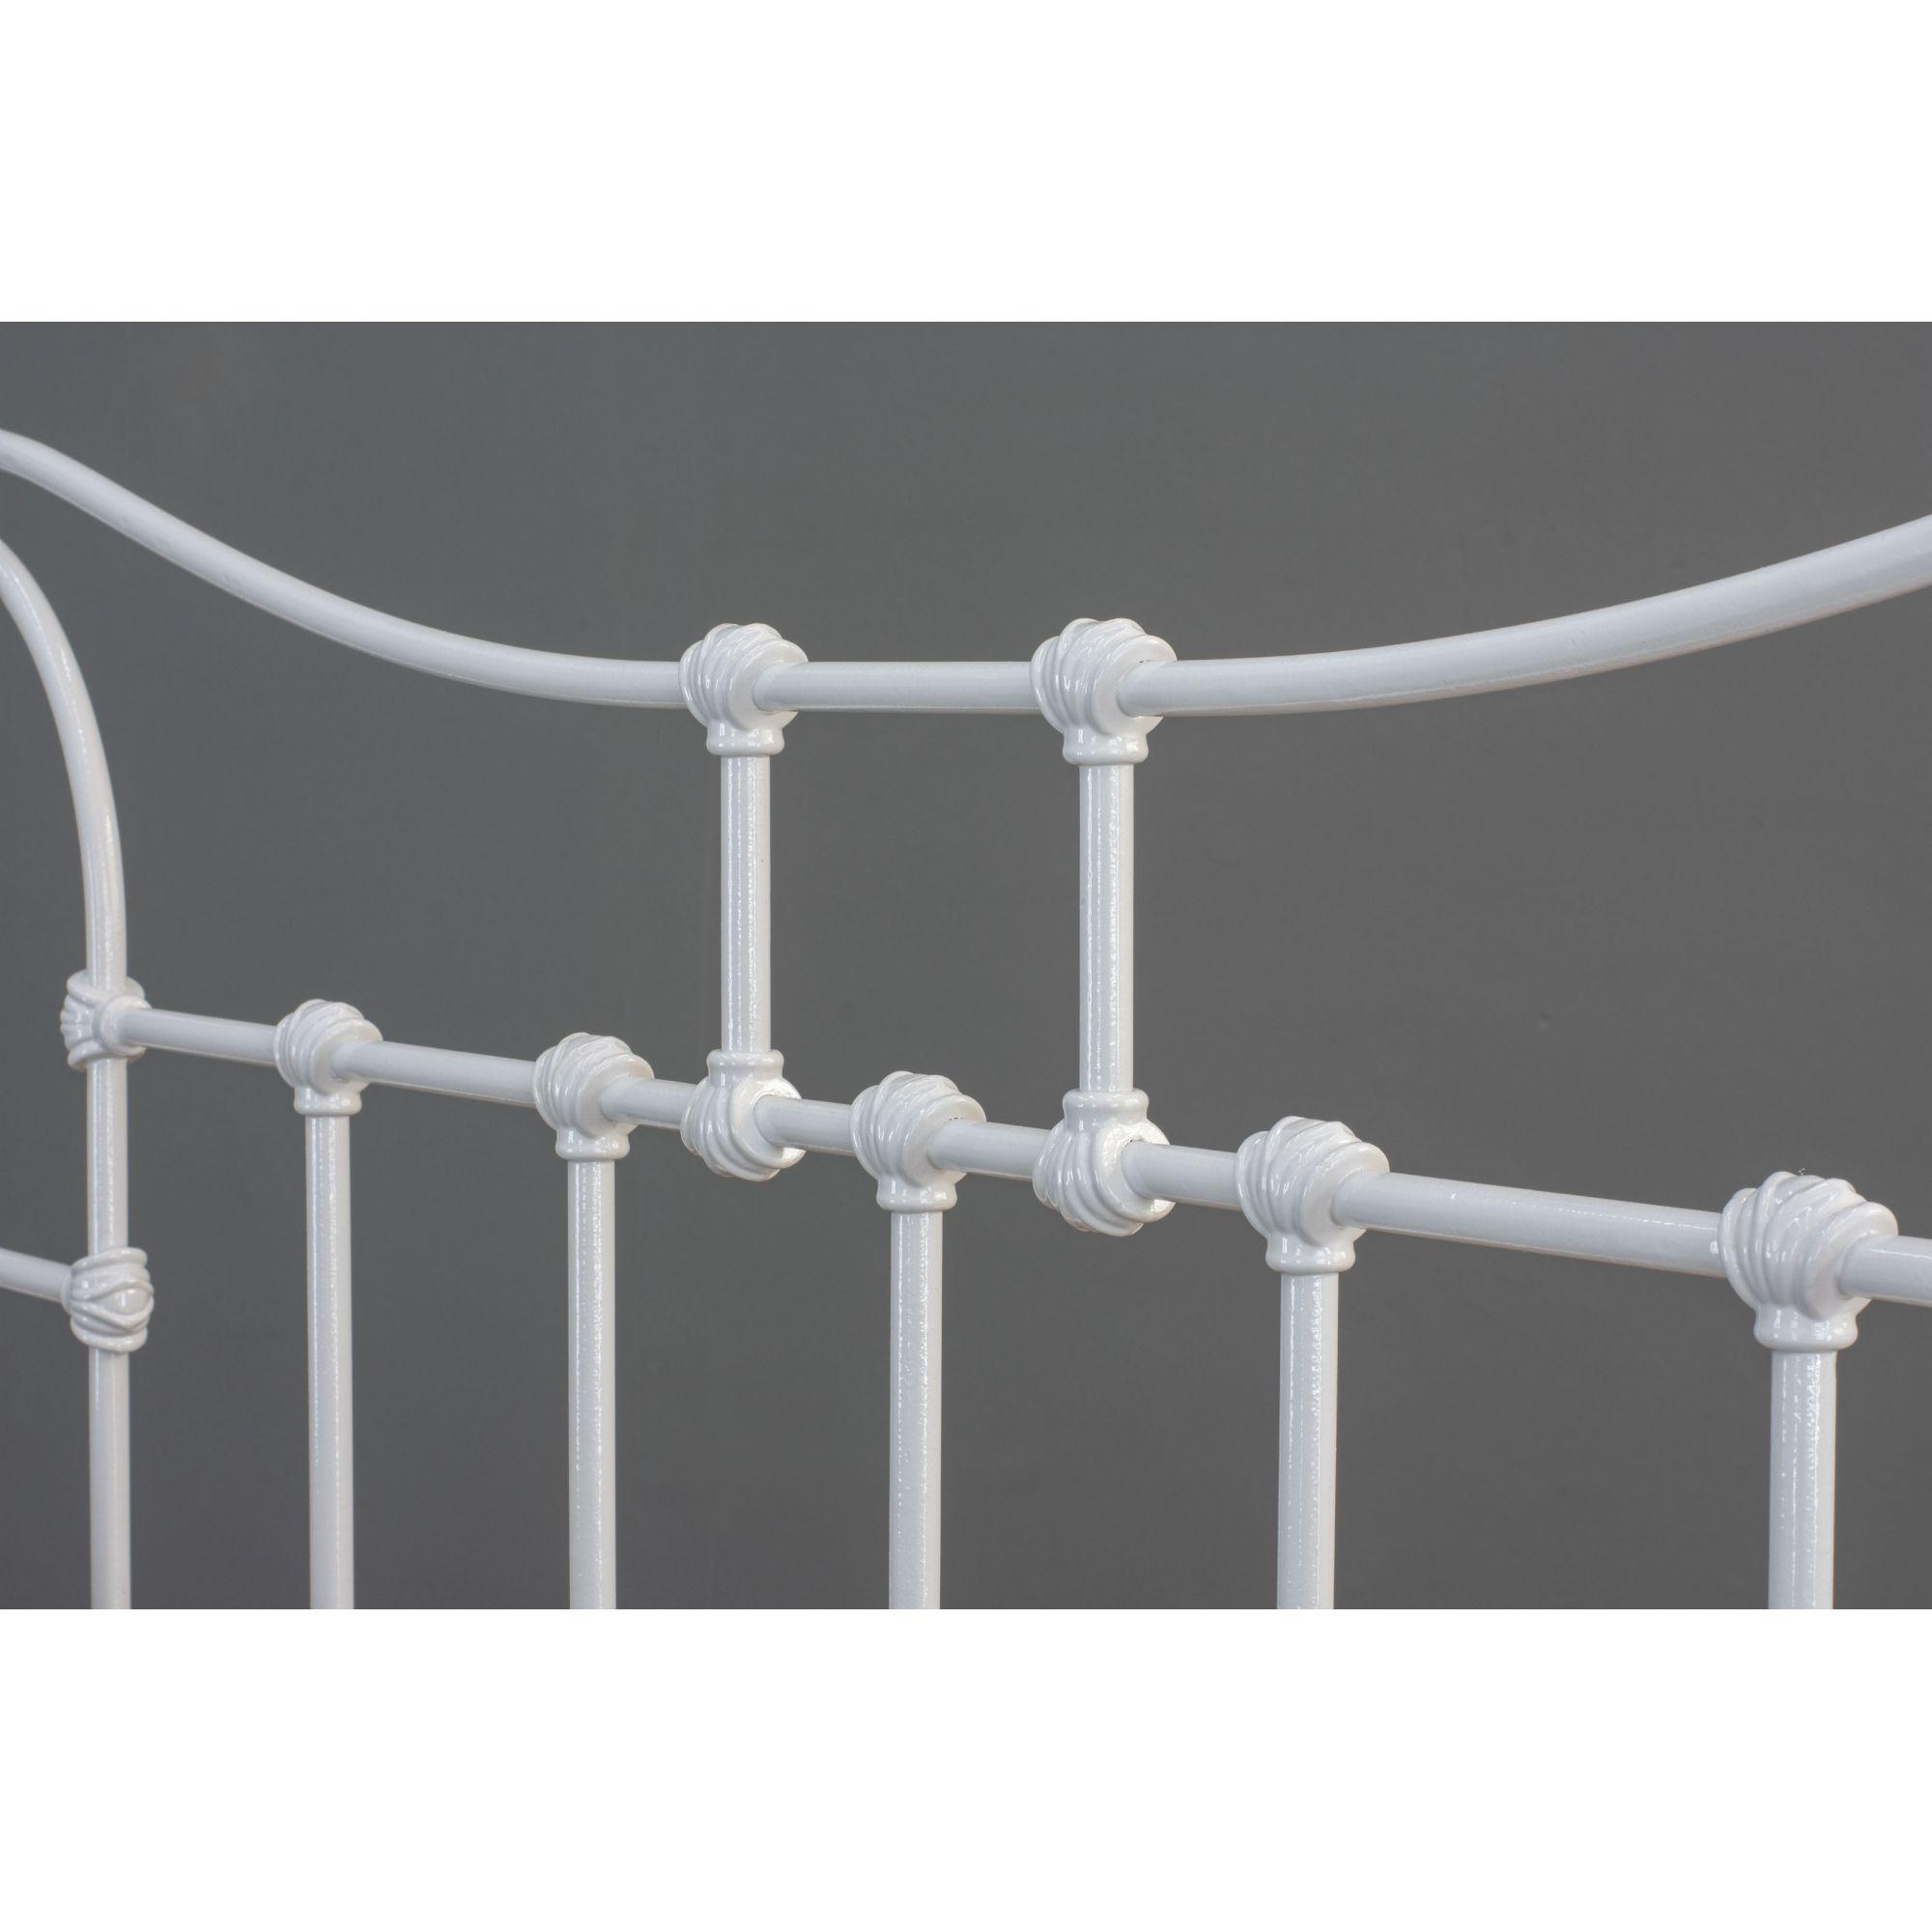 Cama de Ferro Francesa - Sem desenho da peseira - Viúva Branca